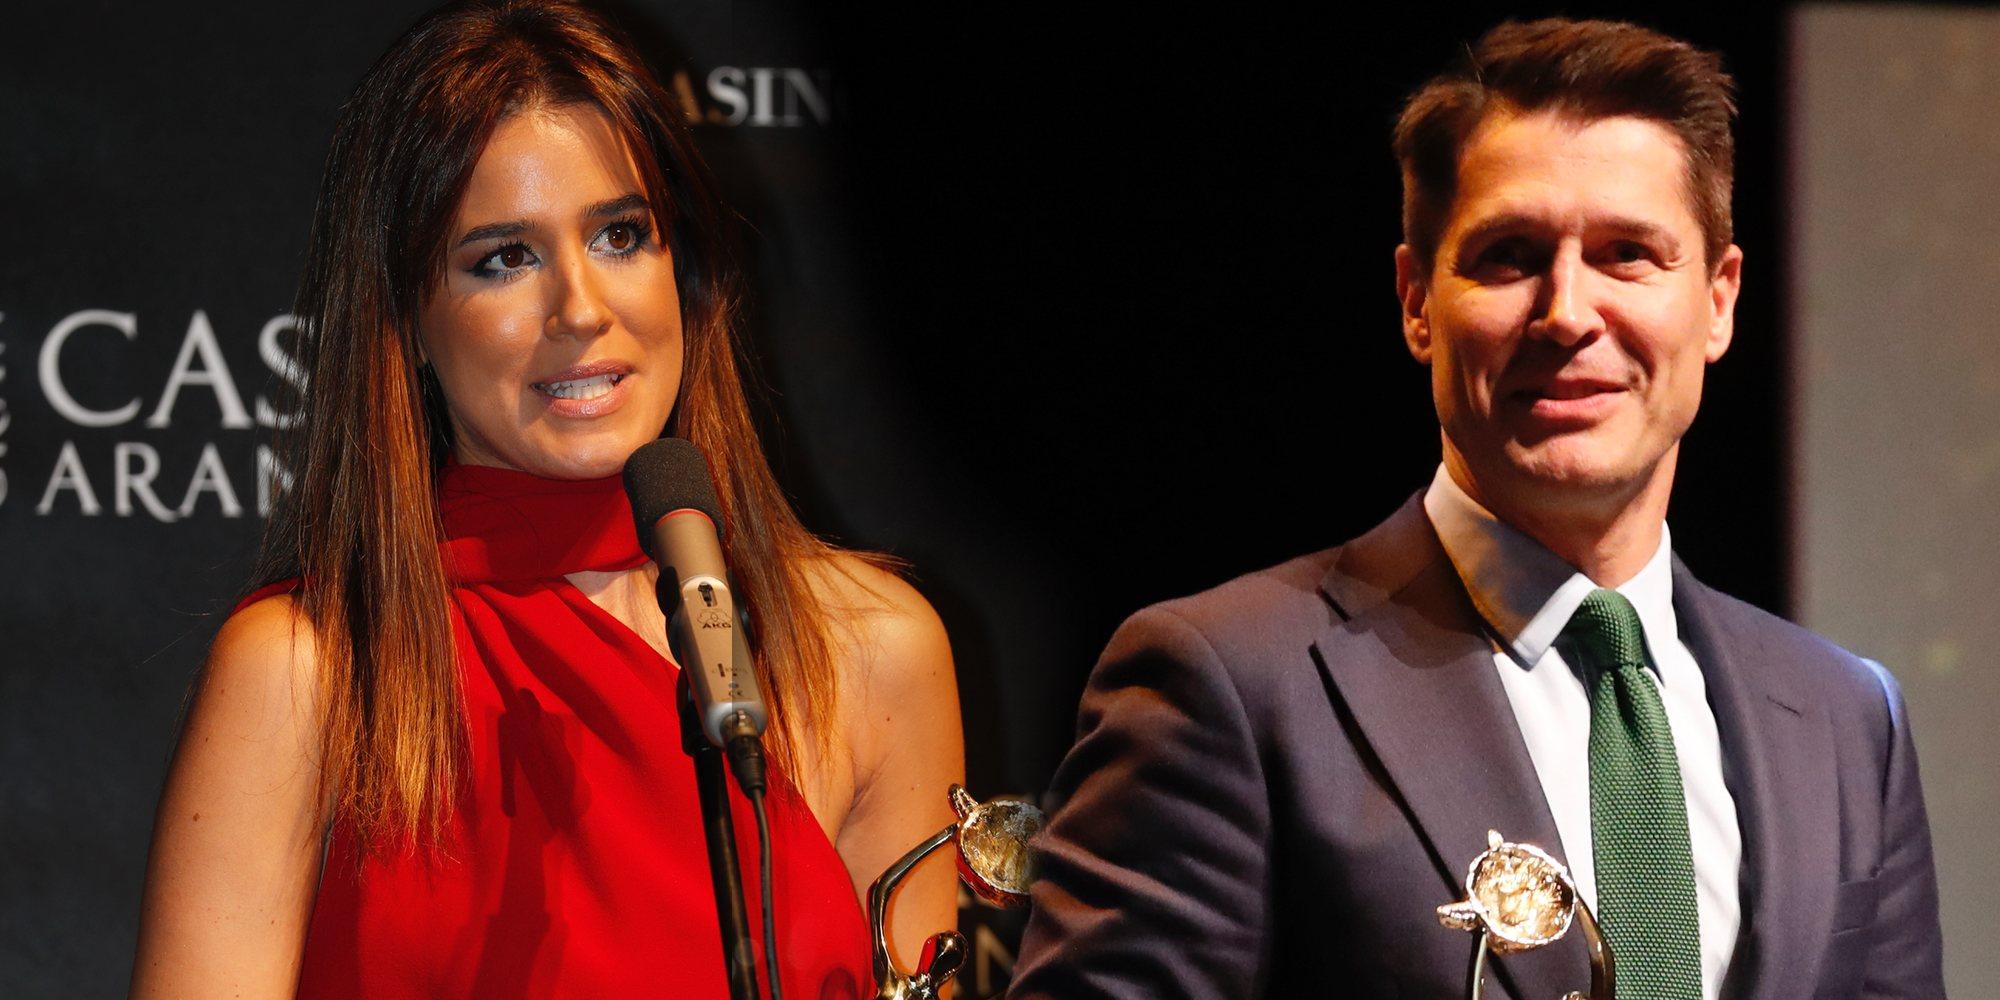 Isabel Jiménez y Jaime Cantizano, entre los premiados en la gala de los Antena de Oro 2019